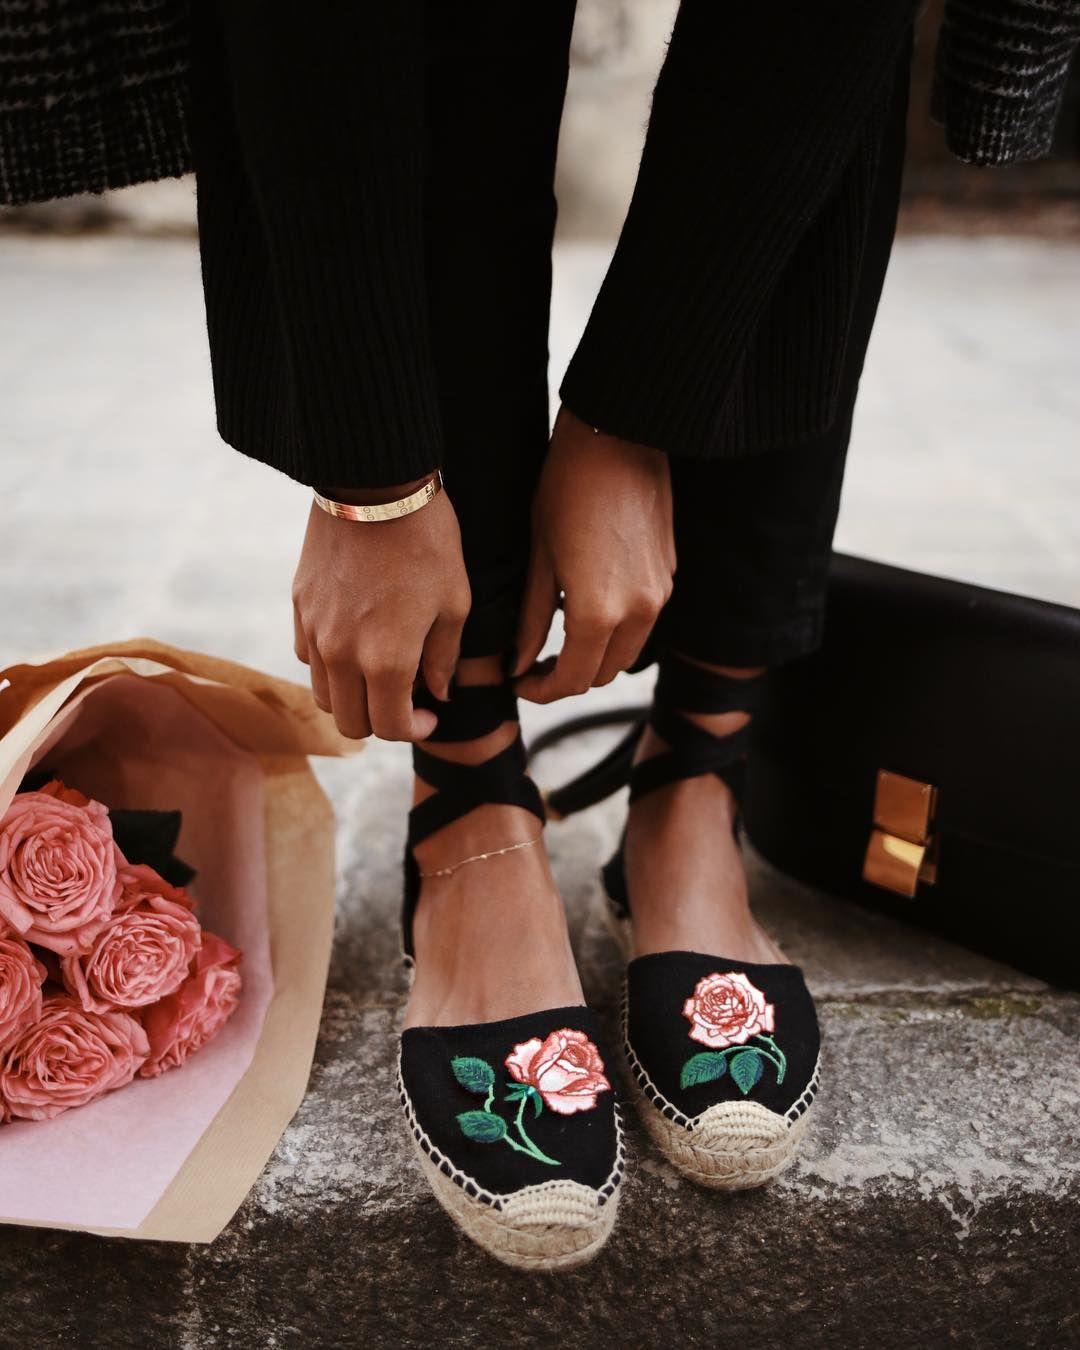 df505f64964e5b Welche Schuhe passen am besten zu meinem Outfit  Die meisten Frauen werden  sich diese Frage schon einmal gestellt haben. Wir klären euch auf.